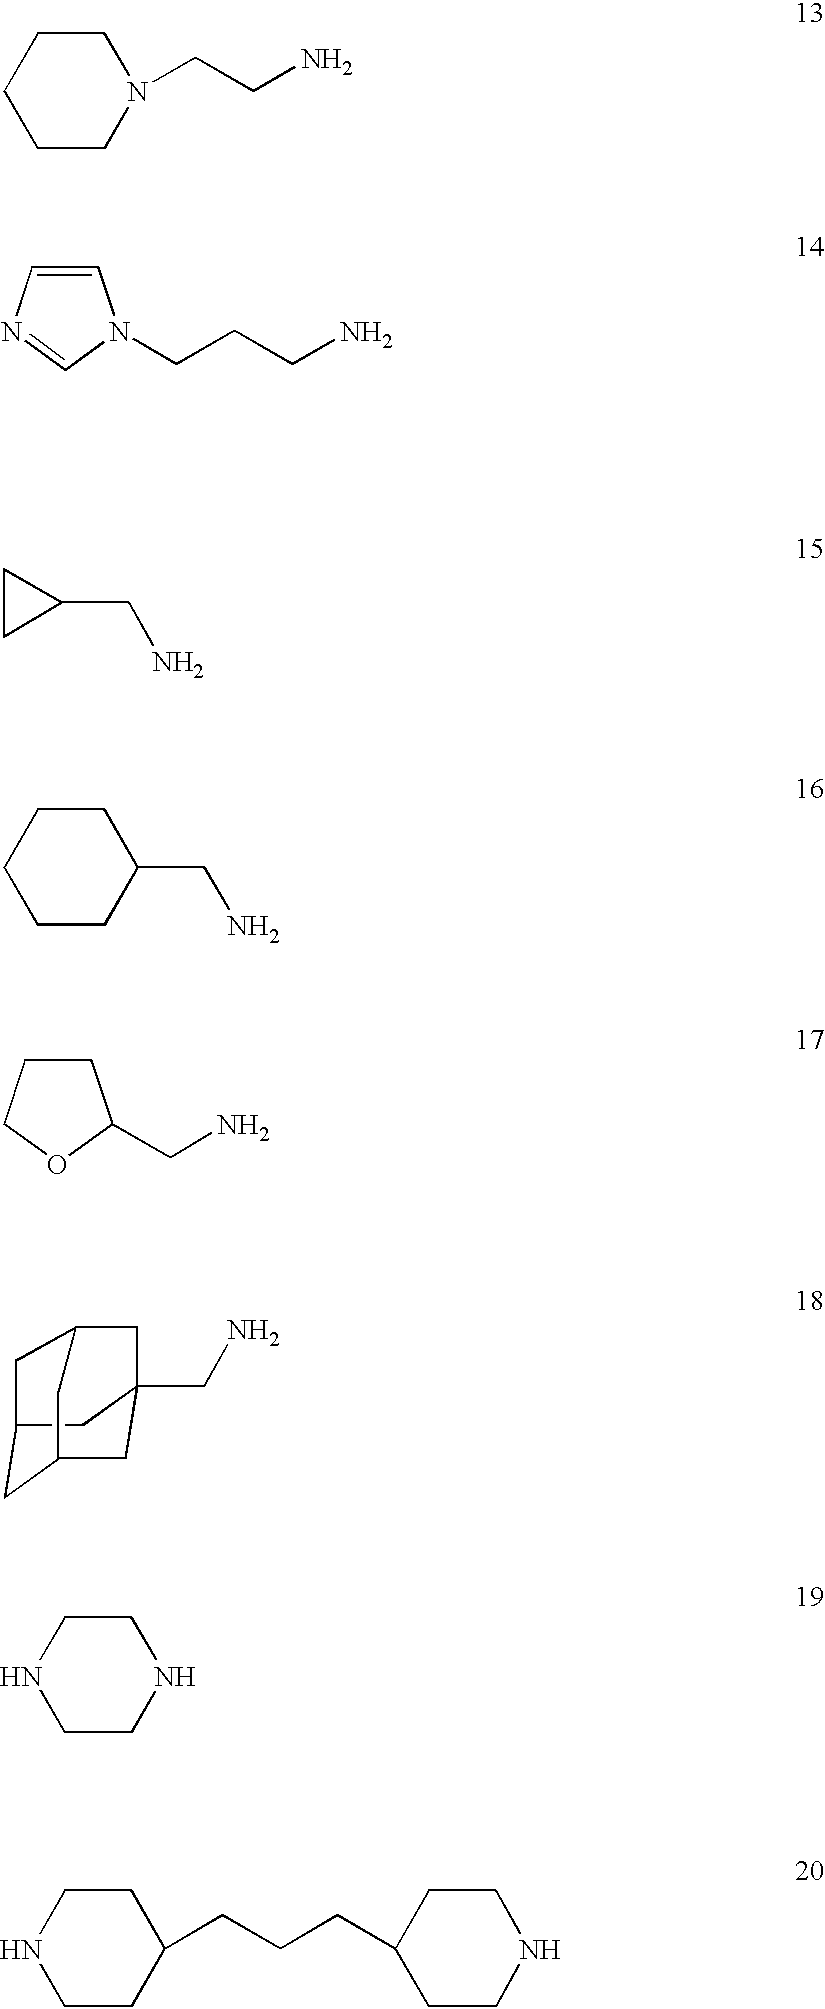 Figure US06998115-20060214-C00010